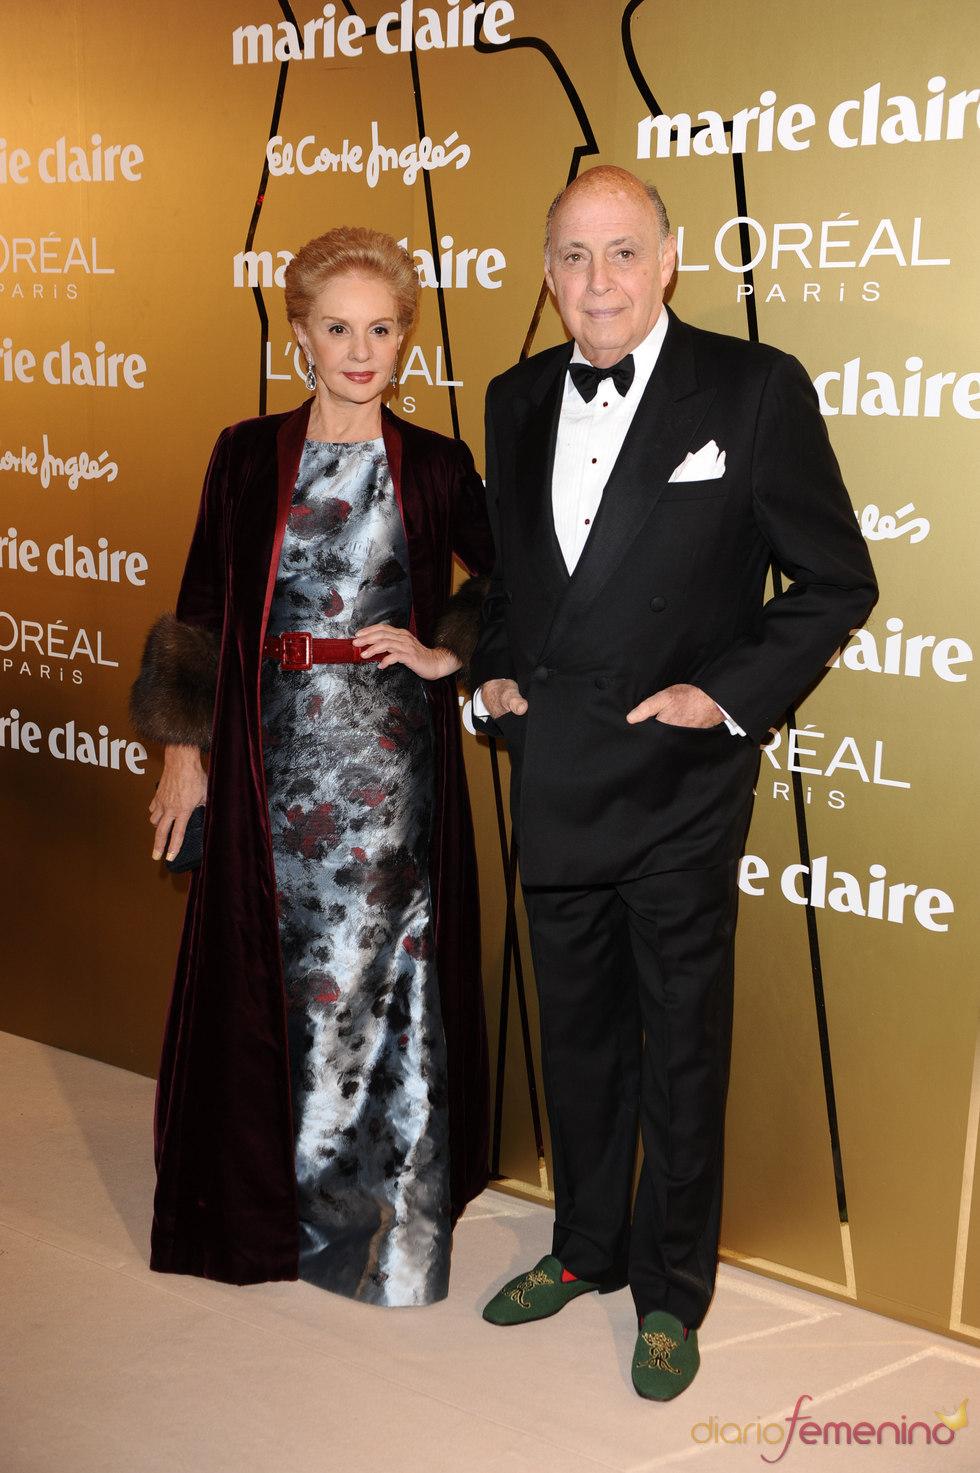 Carolina Herrera y su marido en los Premios Marie Claire 2010